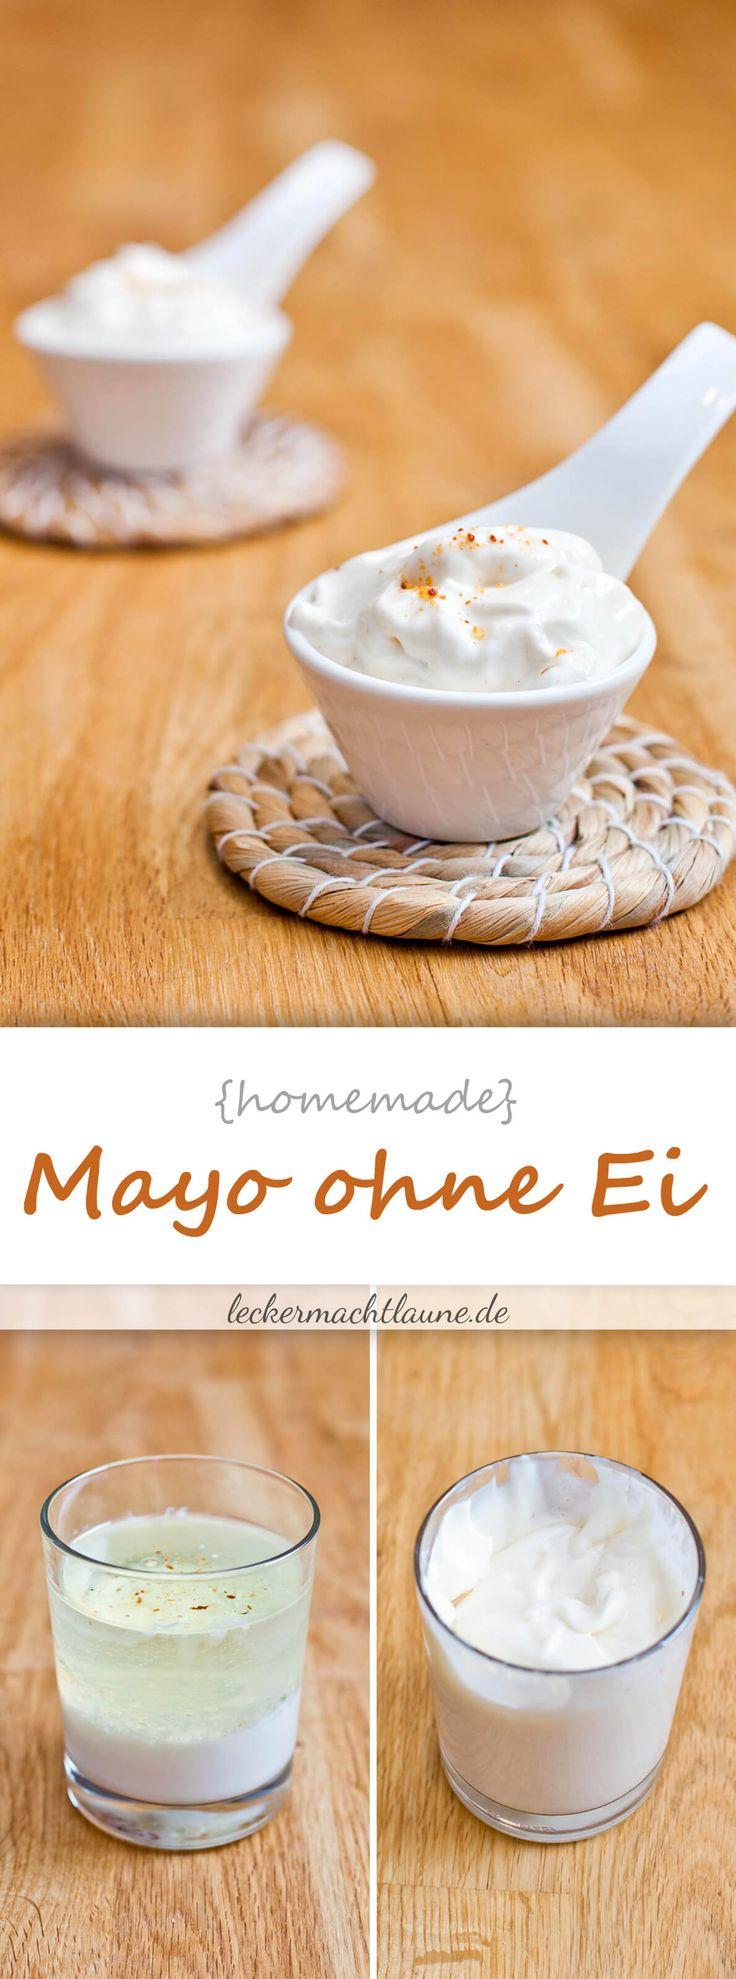 Mayo ohne Ei {grundrezept}